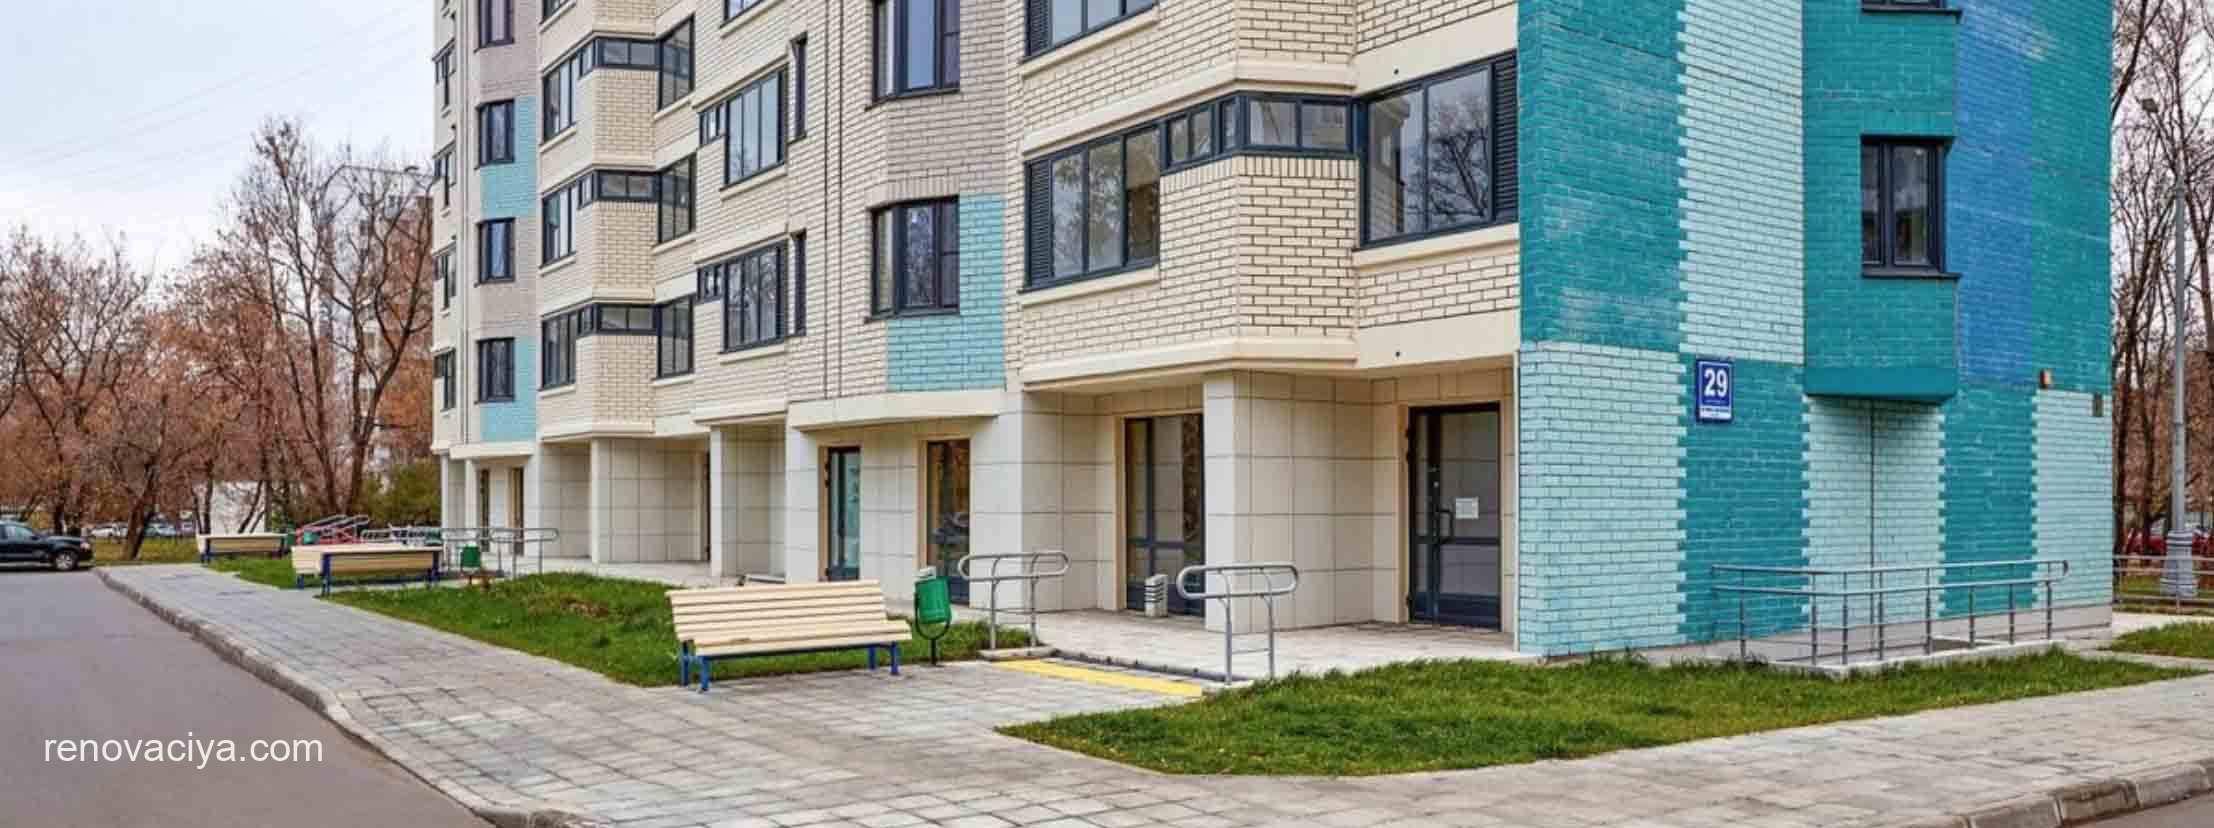 Более 90 процентов жителей получили новые квартиры